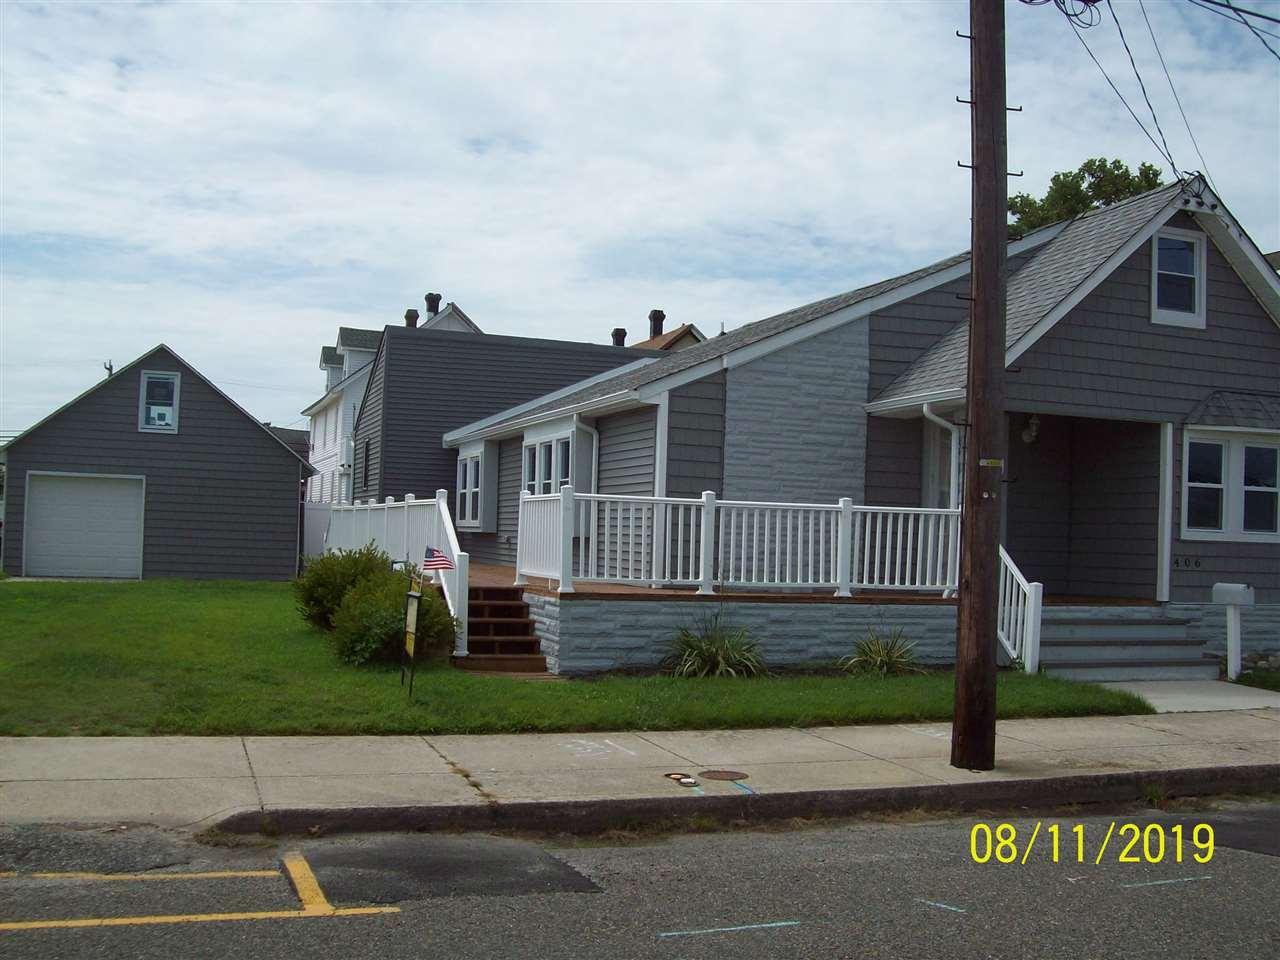 406 W Magnolia, Wildwood, NJ 08260